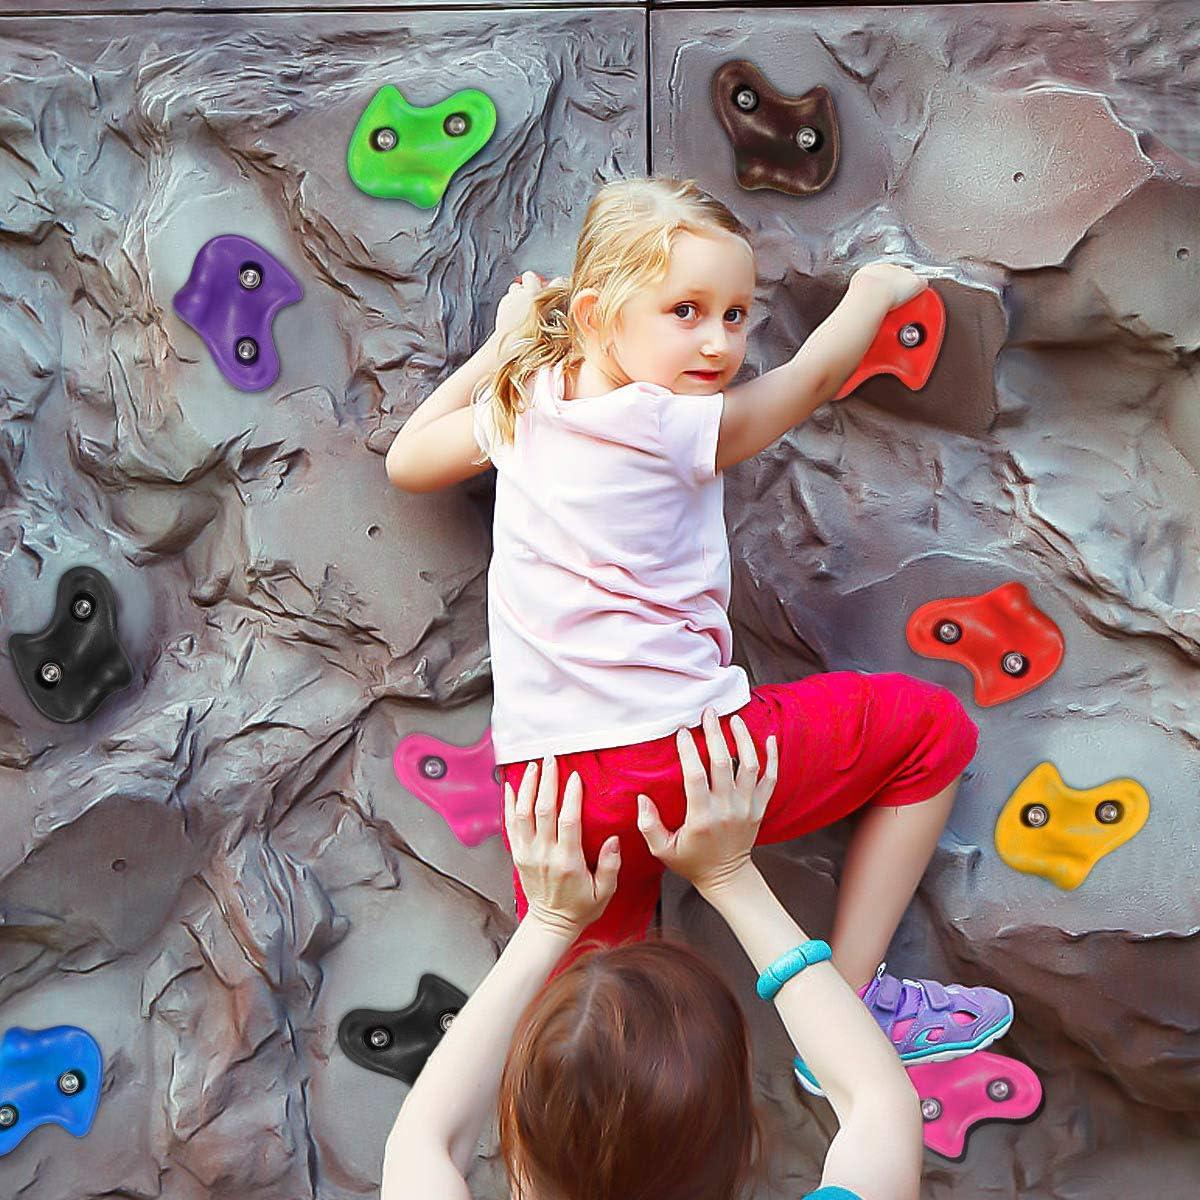 NOBRAND Escalada Set para Niños, Piedras de Escalada para Paredes, Presas de Escalada de Colores, Torres de Juegos para Kids con Accesorios de ...